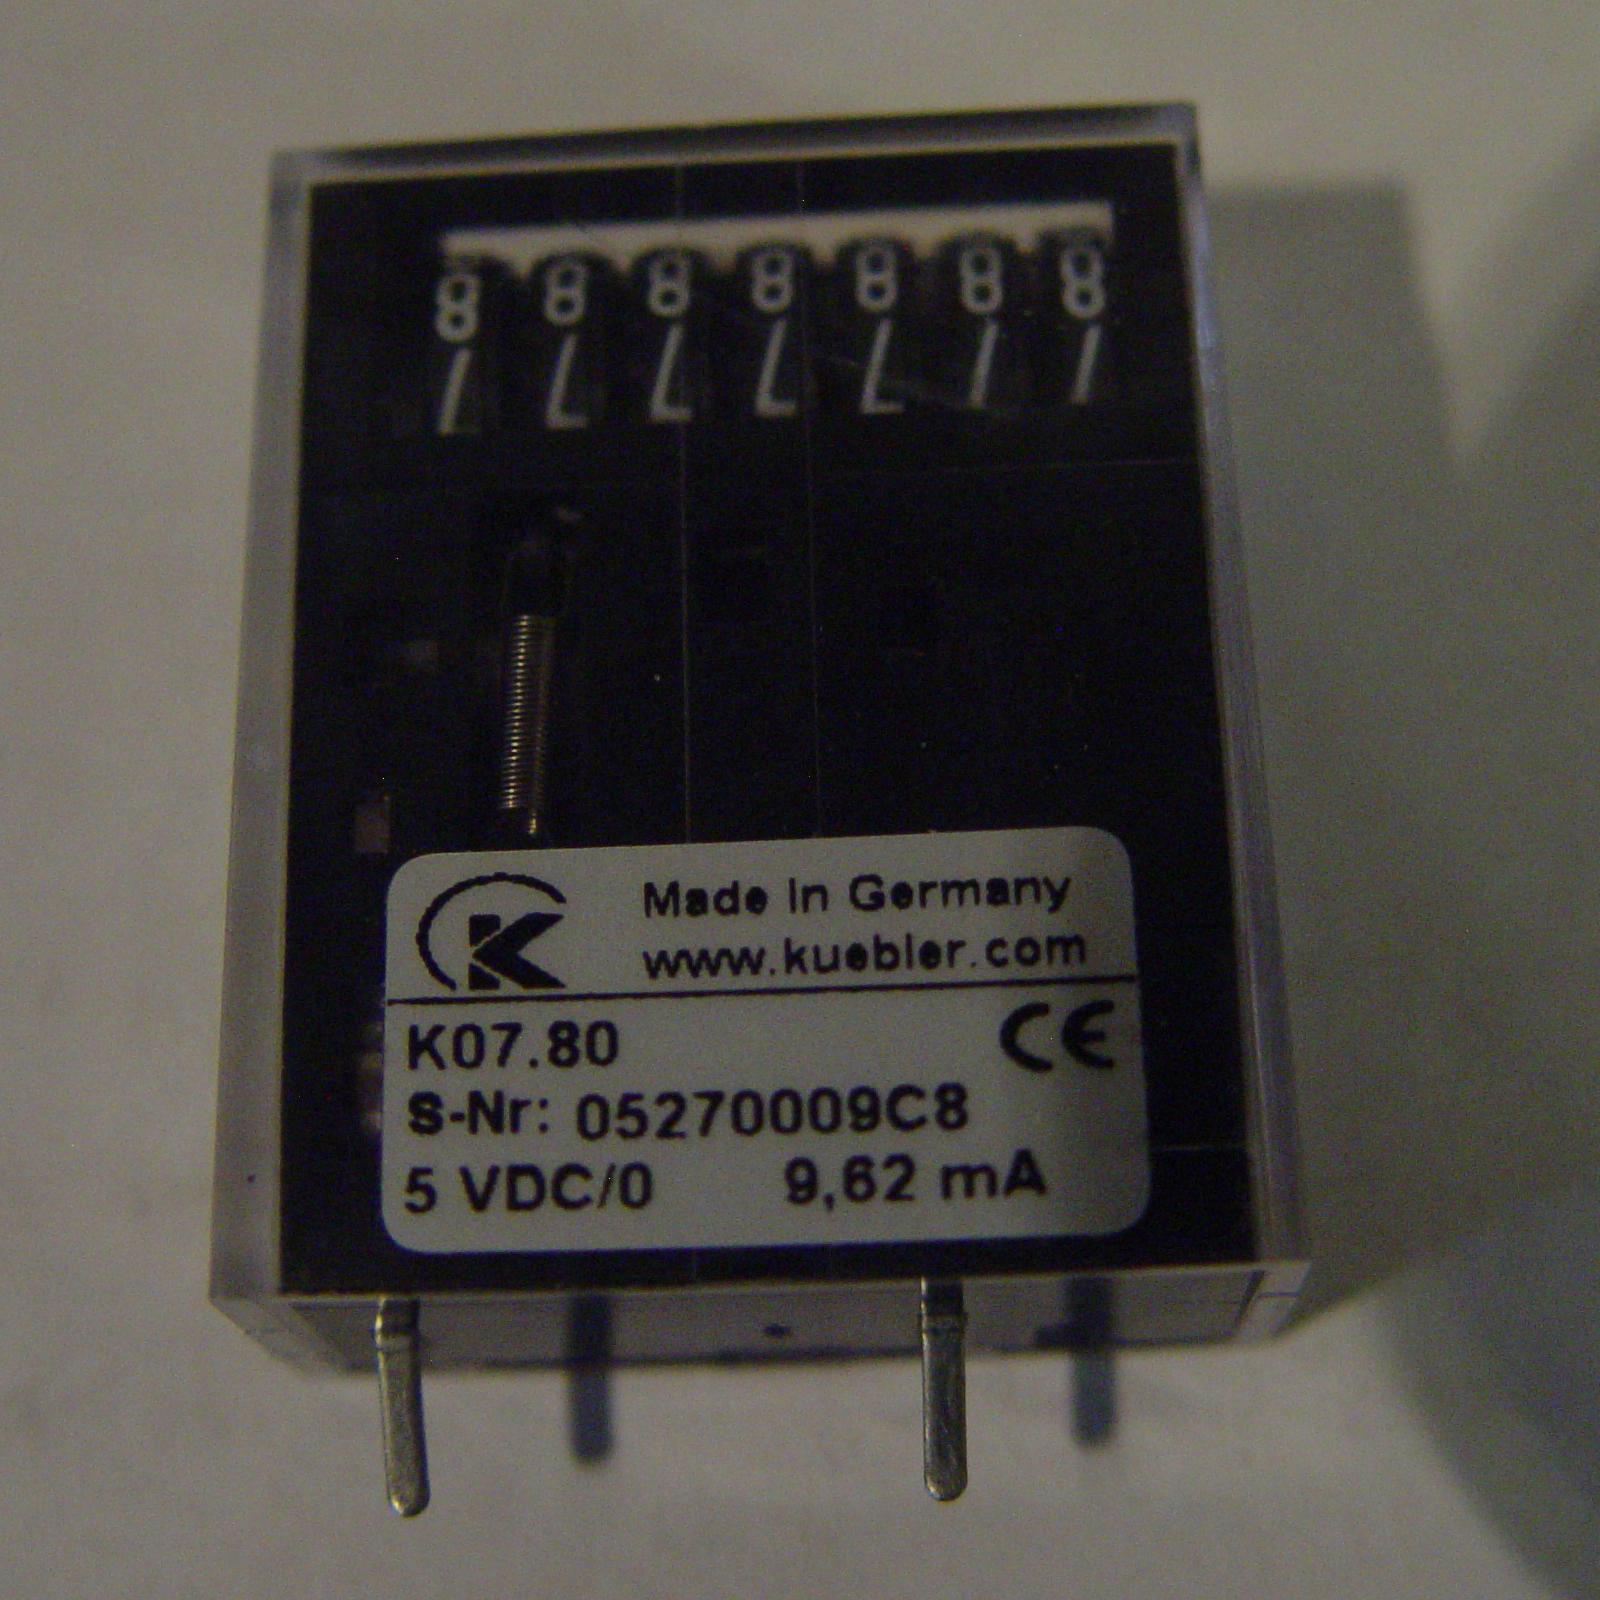 Kubler K07.80-7 Digit Impulse Counter Non-Resettable 5 VDC